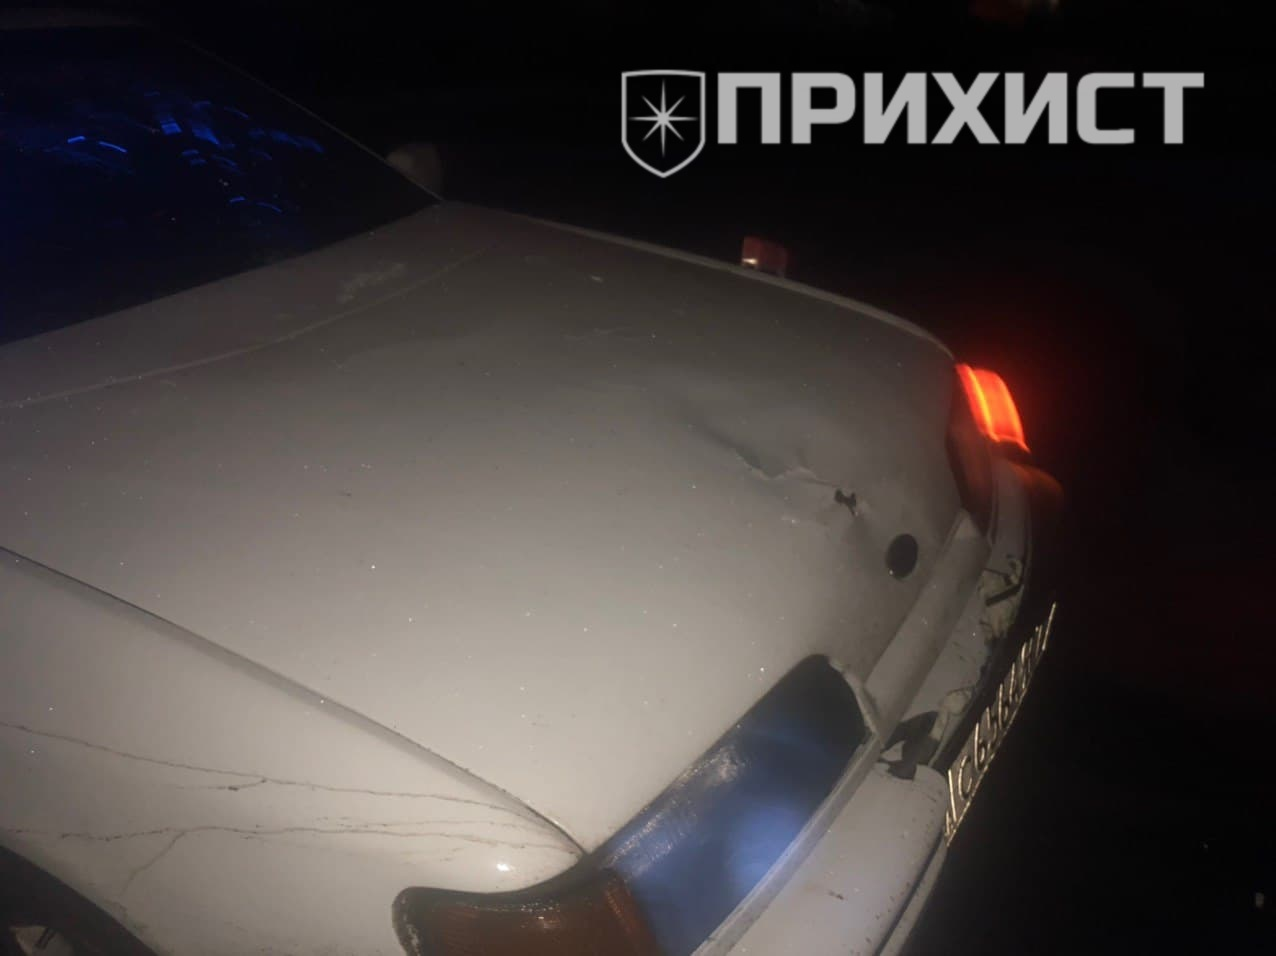 Умер второй пострадавший в вечернем ДТП на Херсонской | Прихист